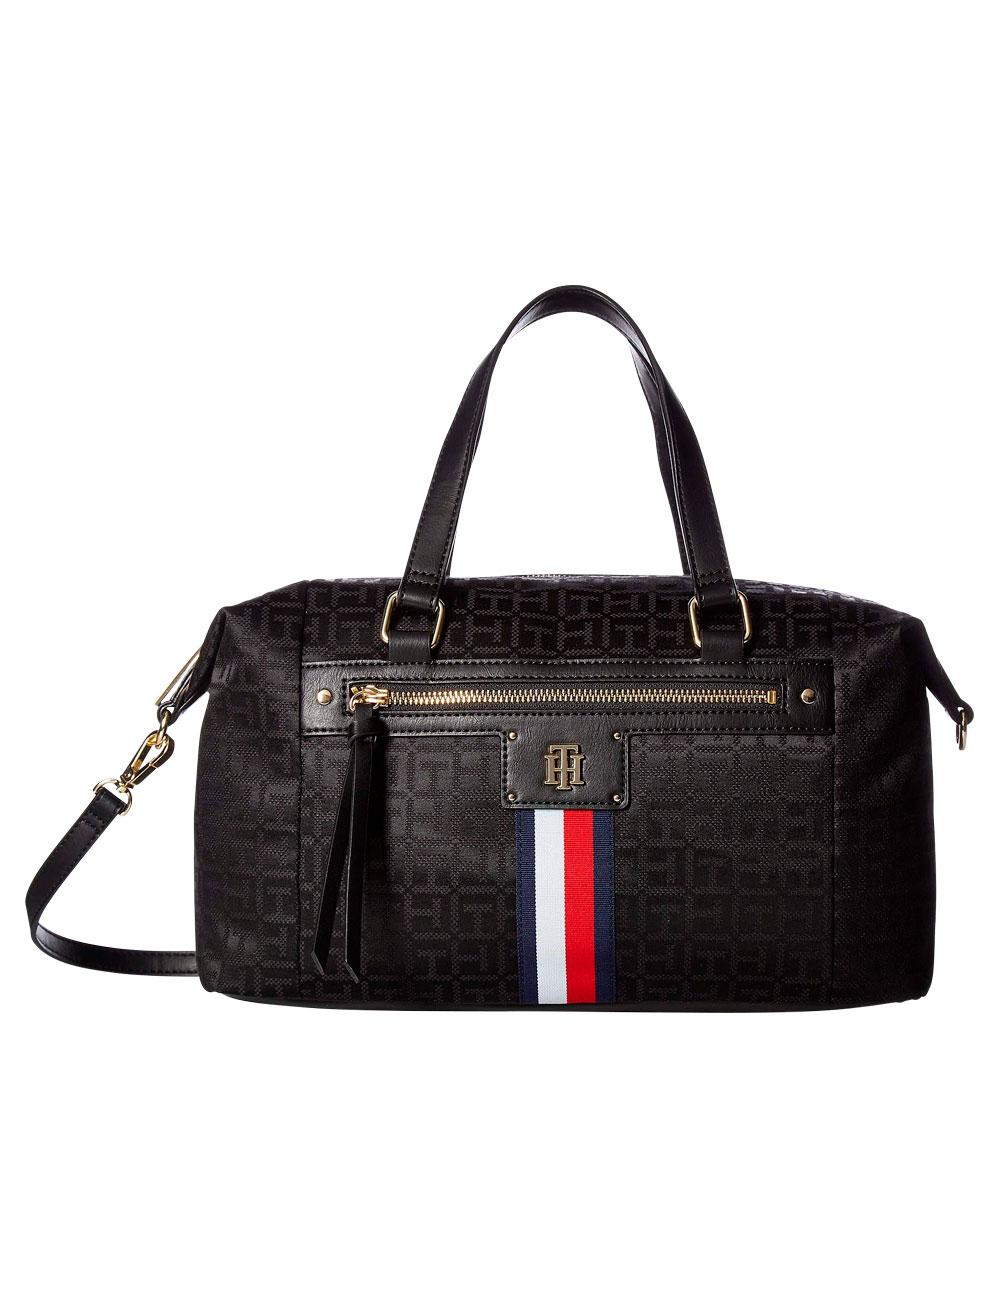 handtasche tommy hilfiger palmer satchel schwarz. Black Bedroom Furniture Sets. Home Design Ideas